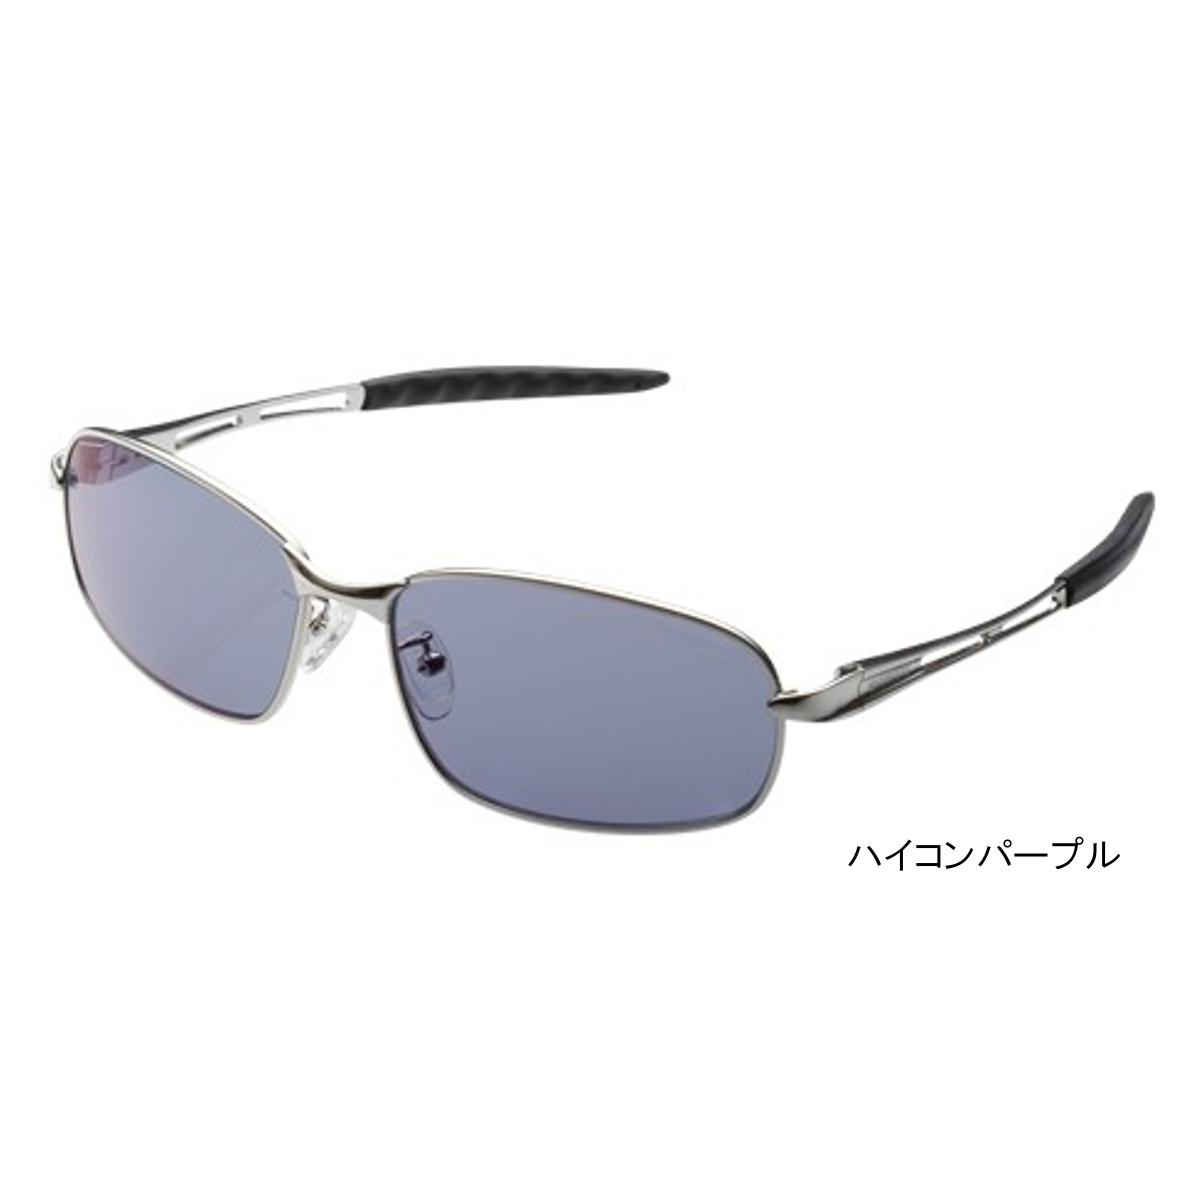 シマノ フィッシンググラス LIMITED PRO HG-331R ハイコンパープル【送料無料】